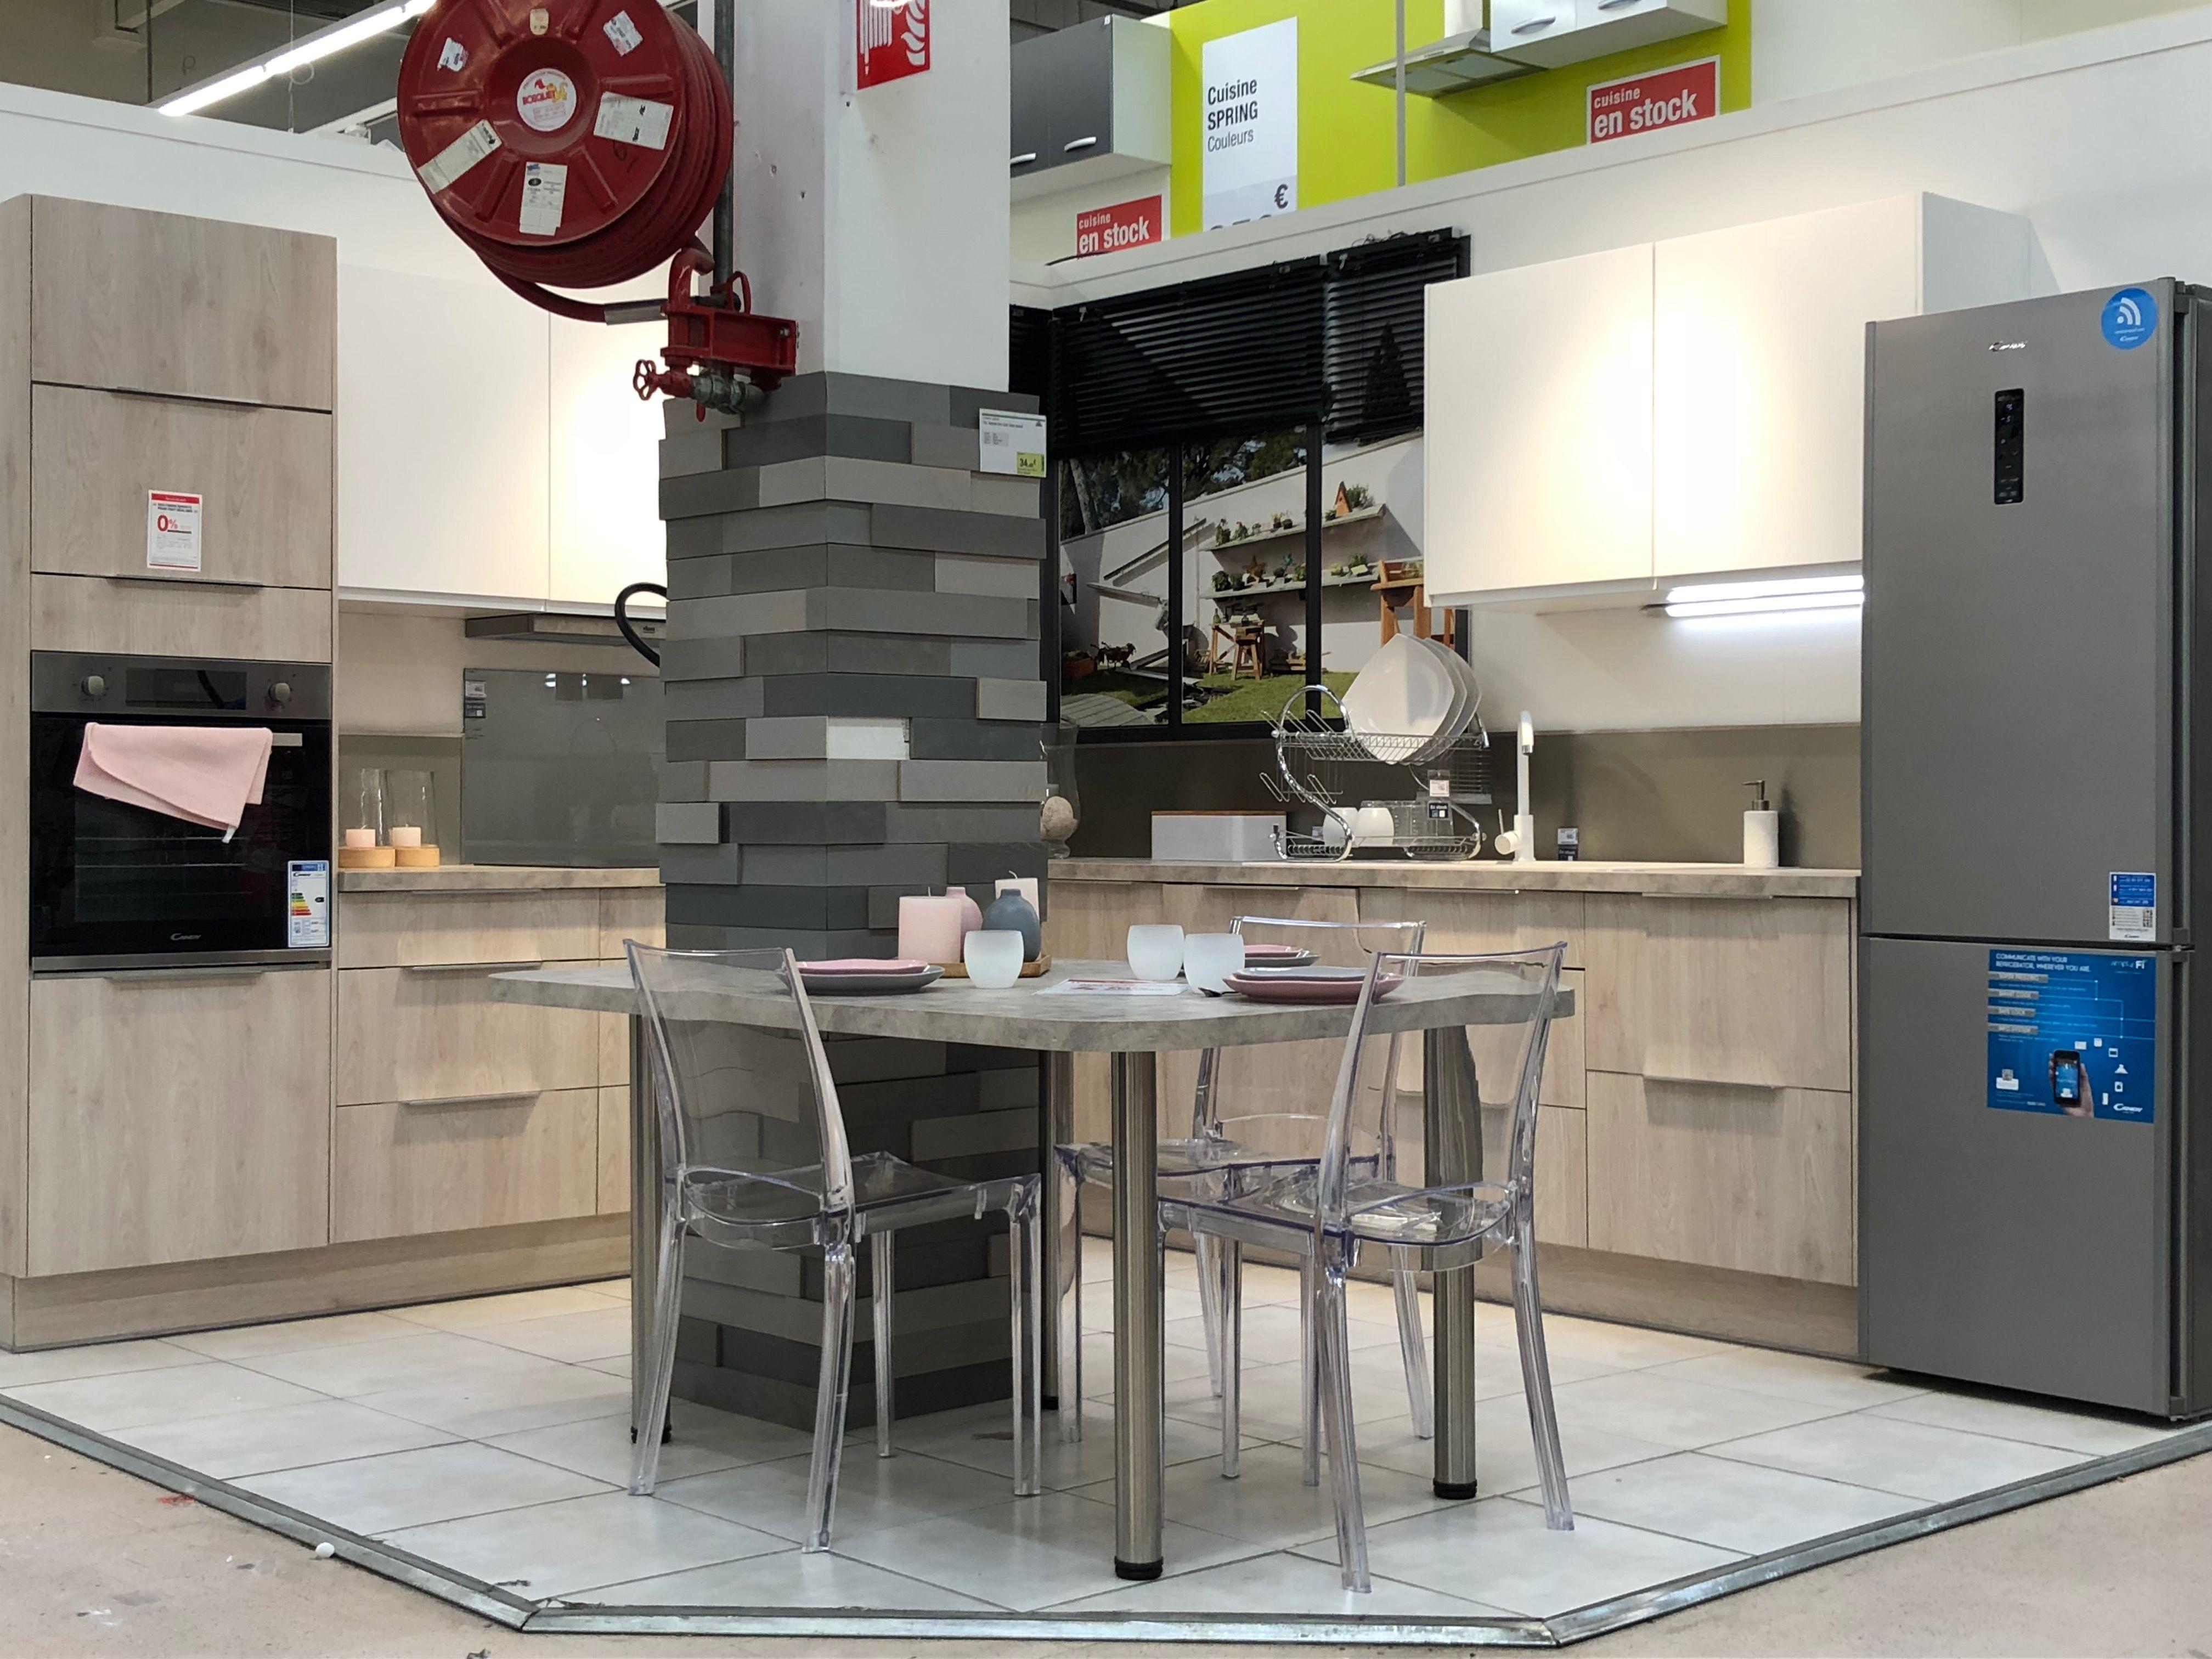 cuisine shadow leroy merlin unique galerie cuisine nordik leroy merlin villeneuve d ascq. Black Bedroom Furniture Sets. Home Design Ideas